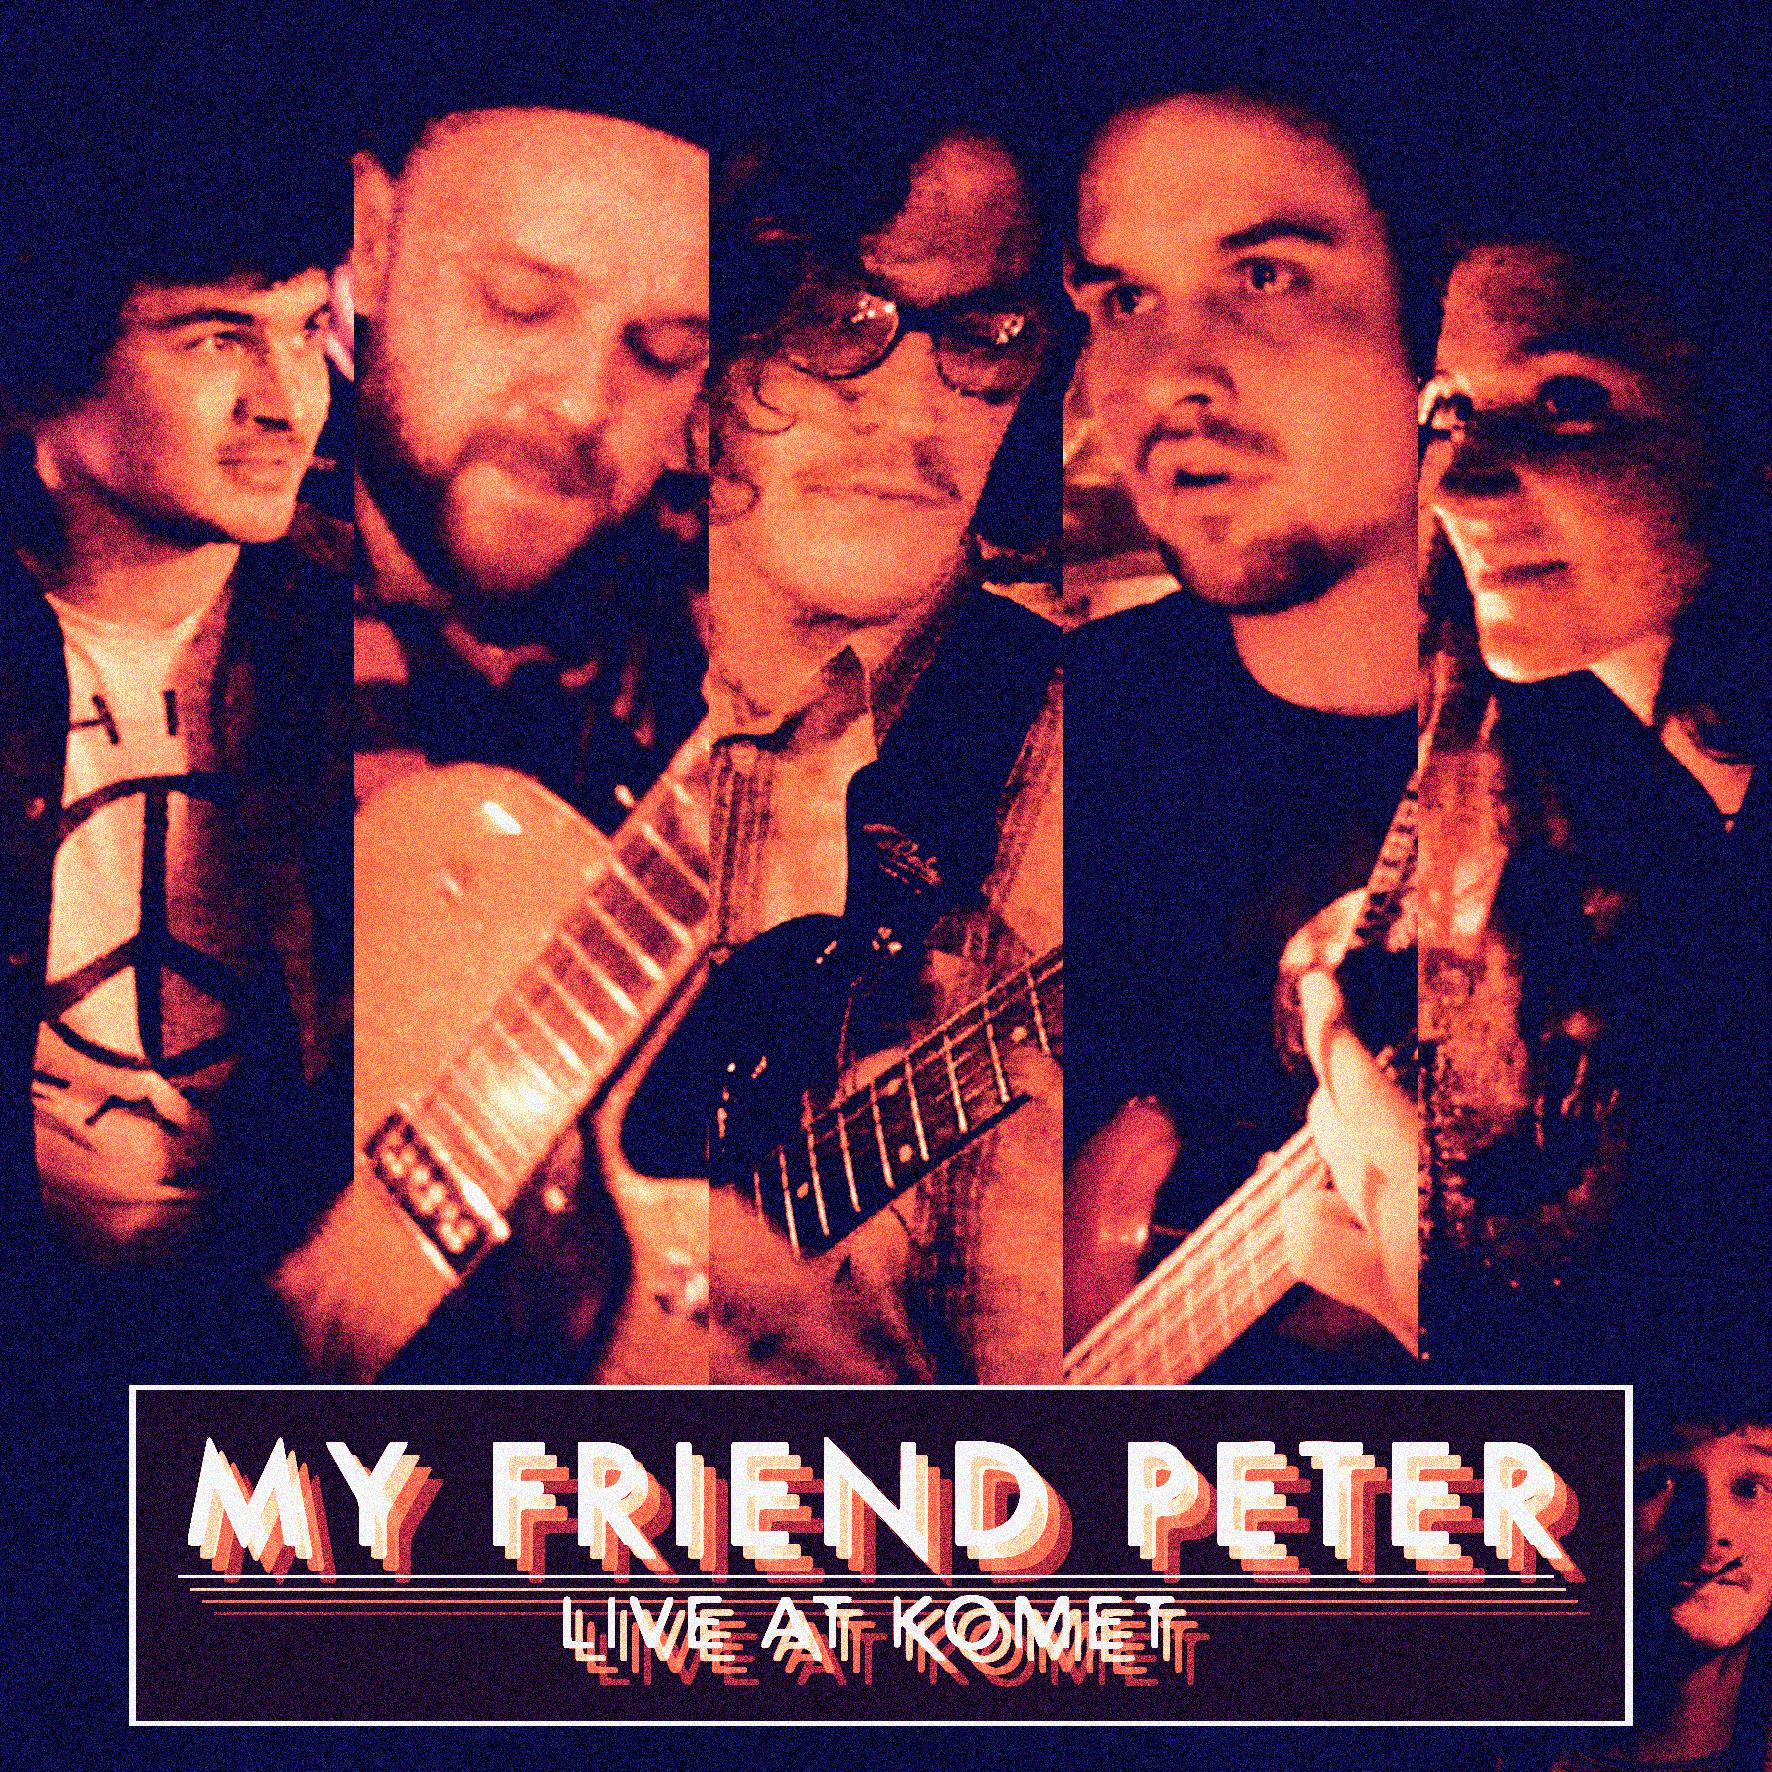 My Friend Peter - Live At Komet Hamburg